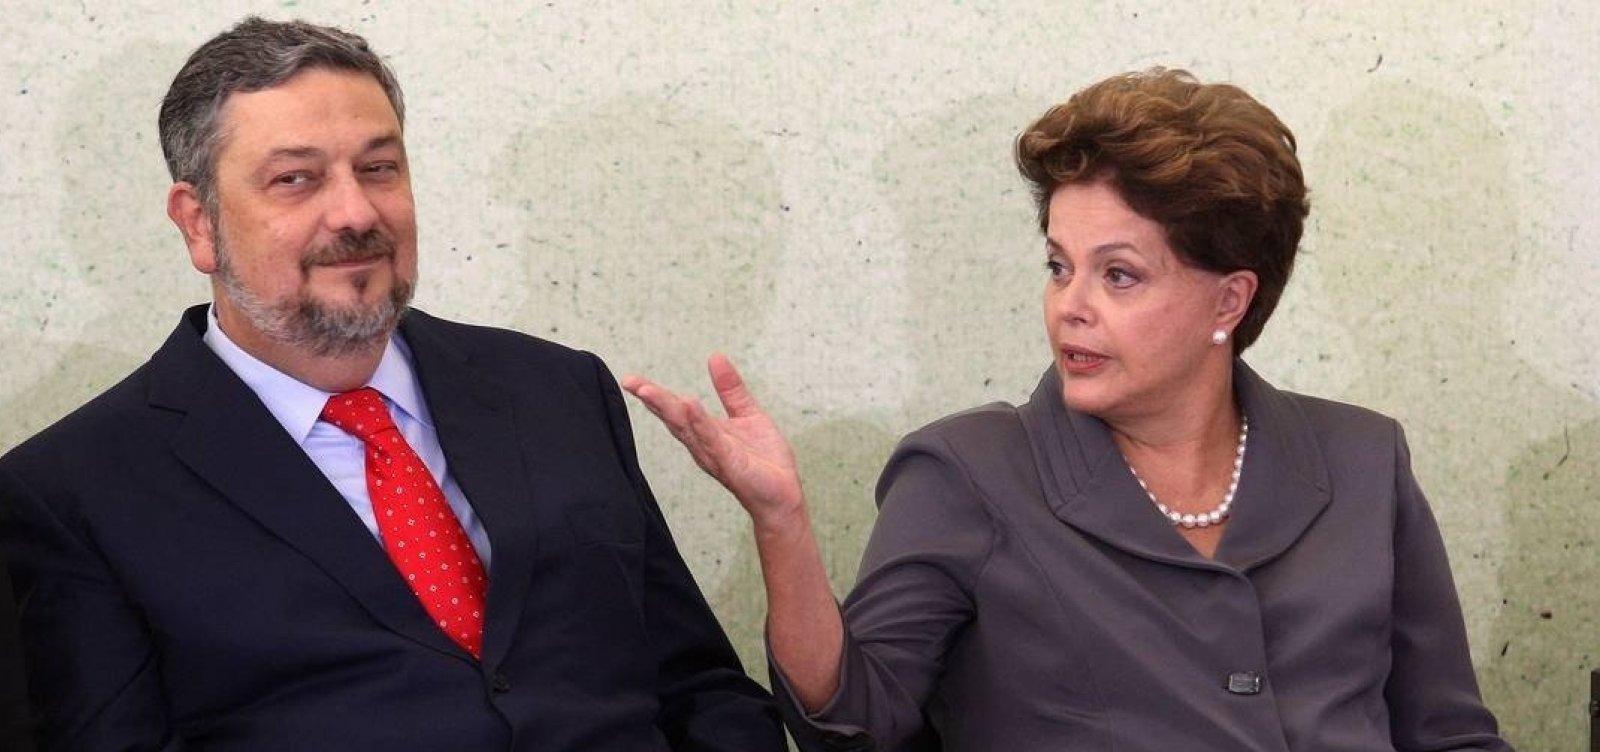 Palocci diz que campanhas de Dilma custaram o dobro do declarado ao TSE